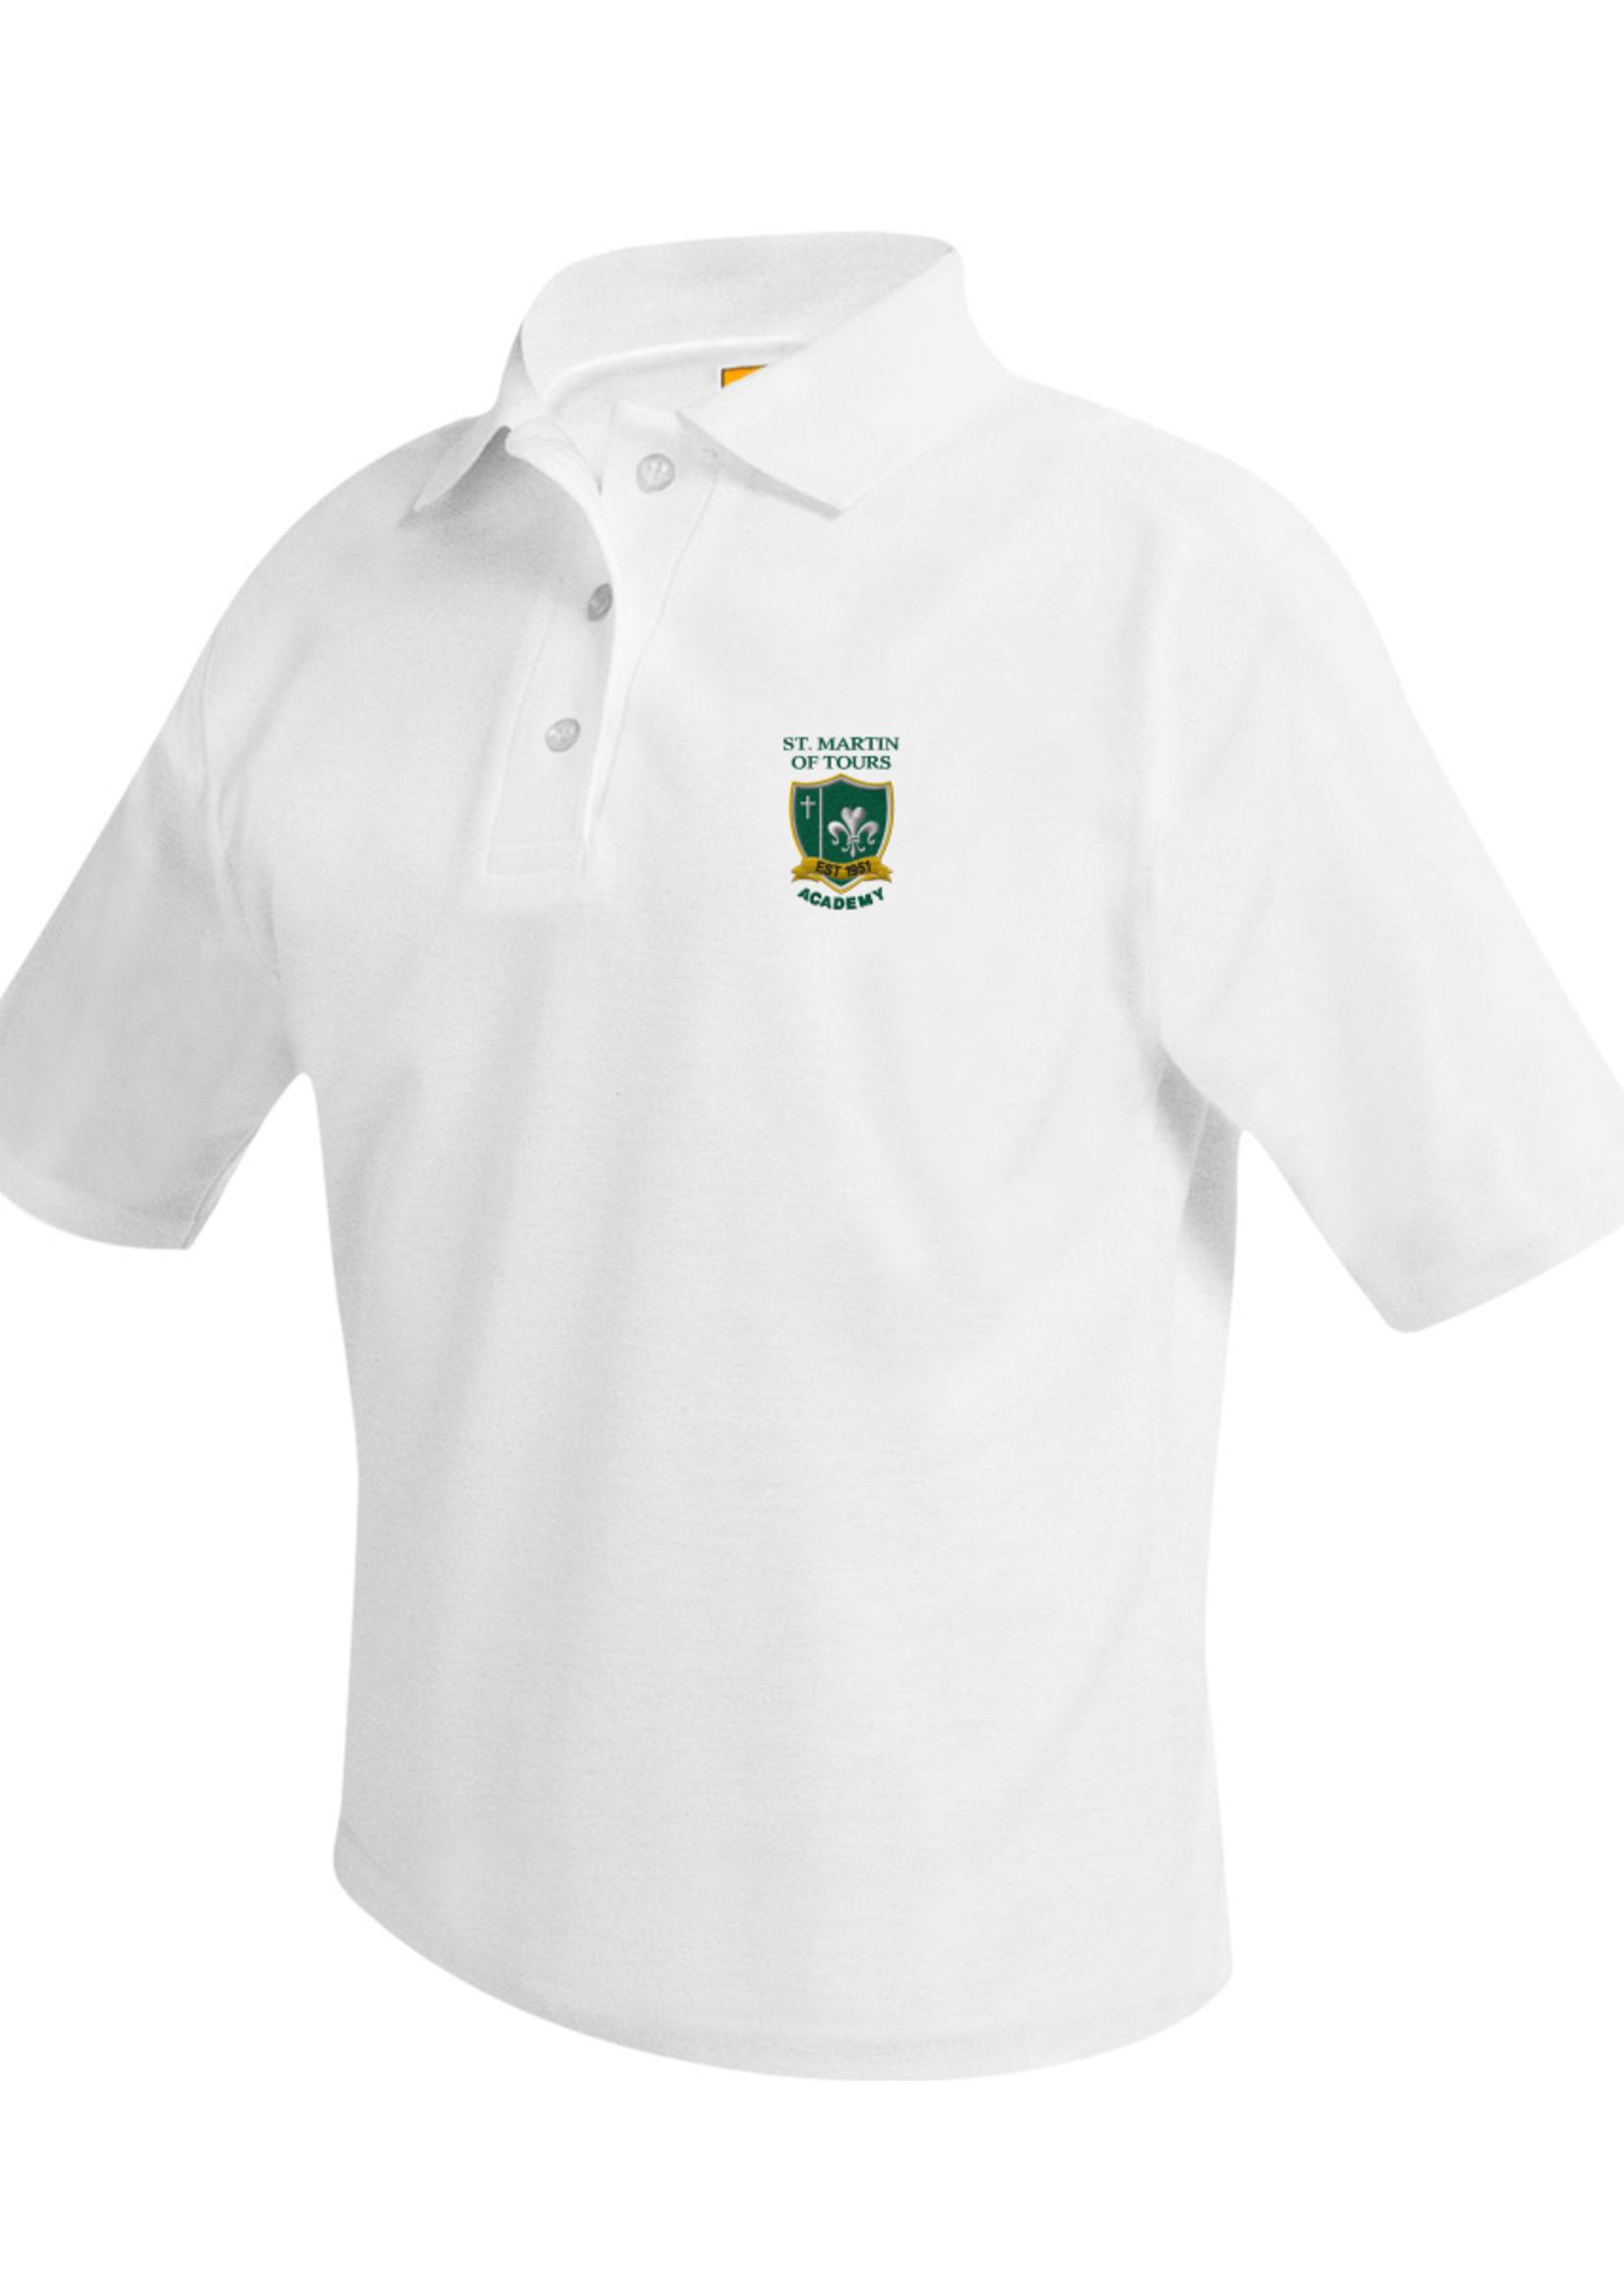 SMTA Short Sleeve Pique Polo